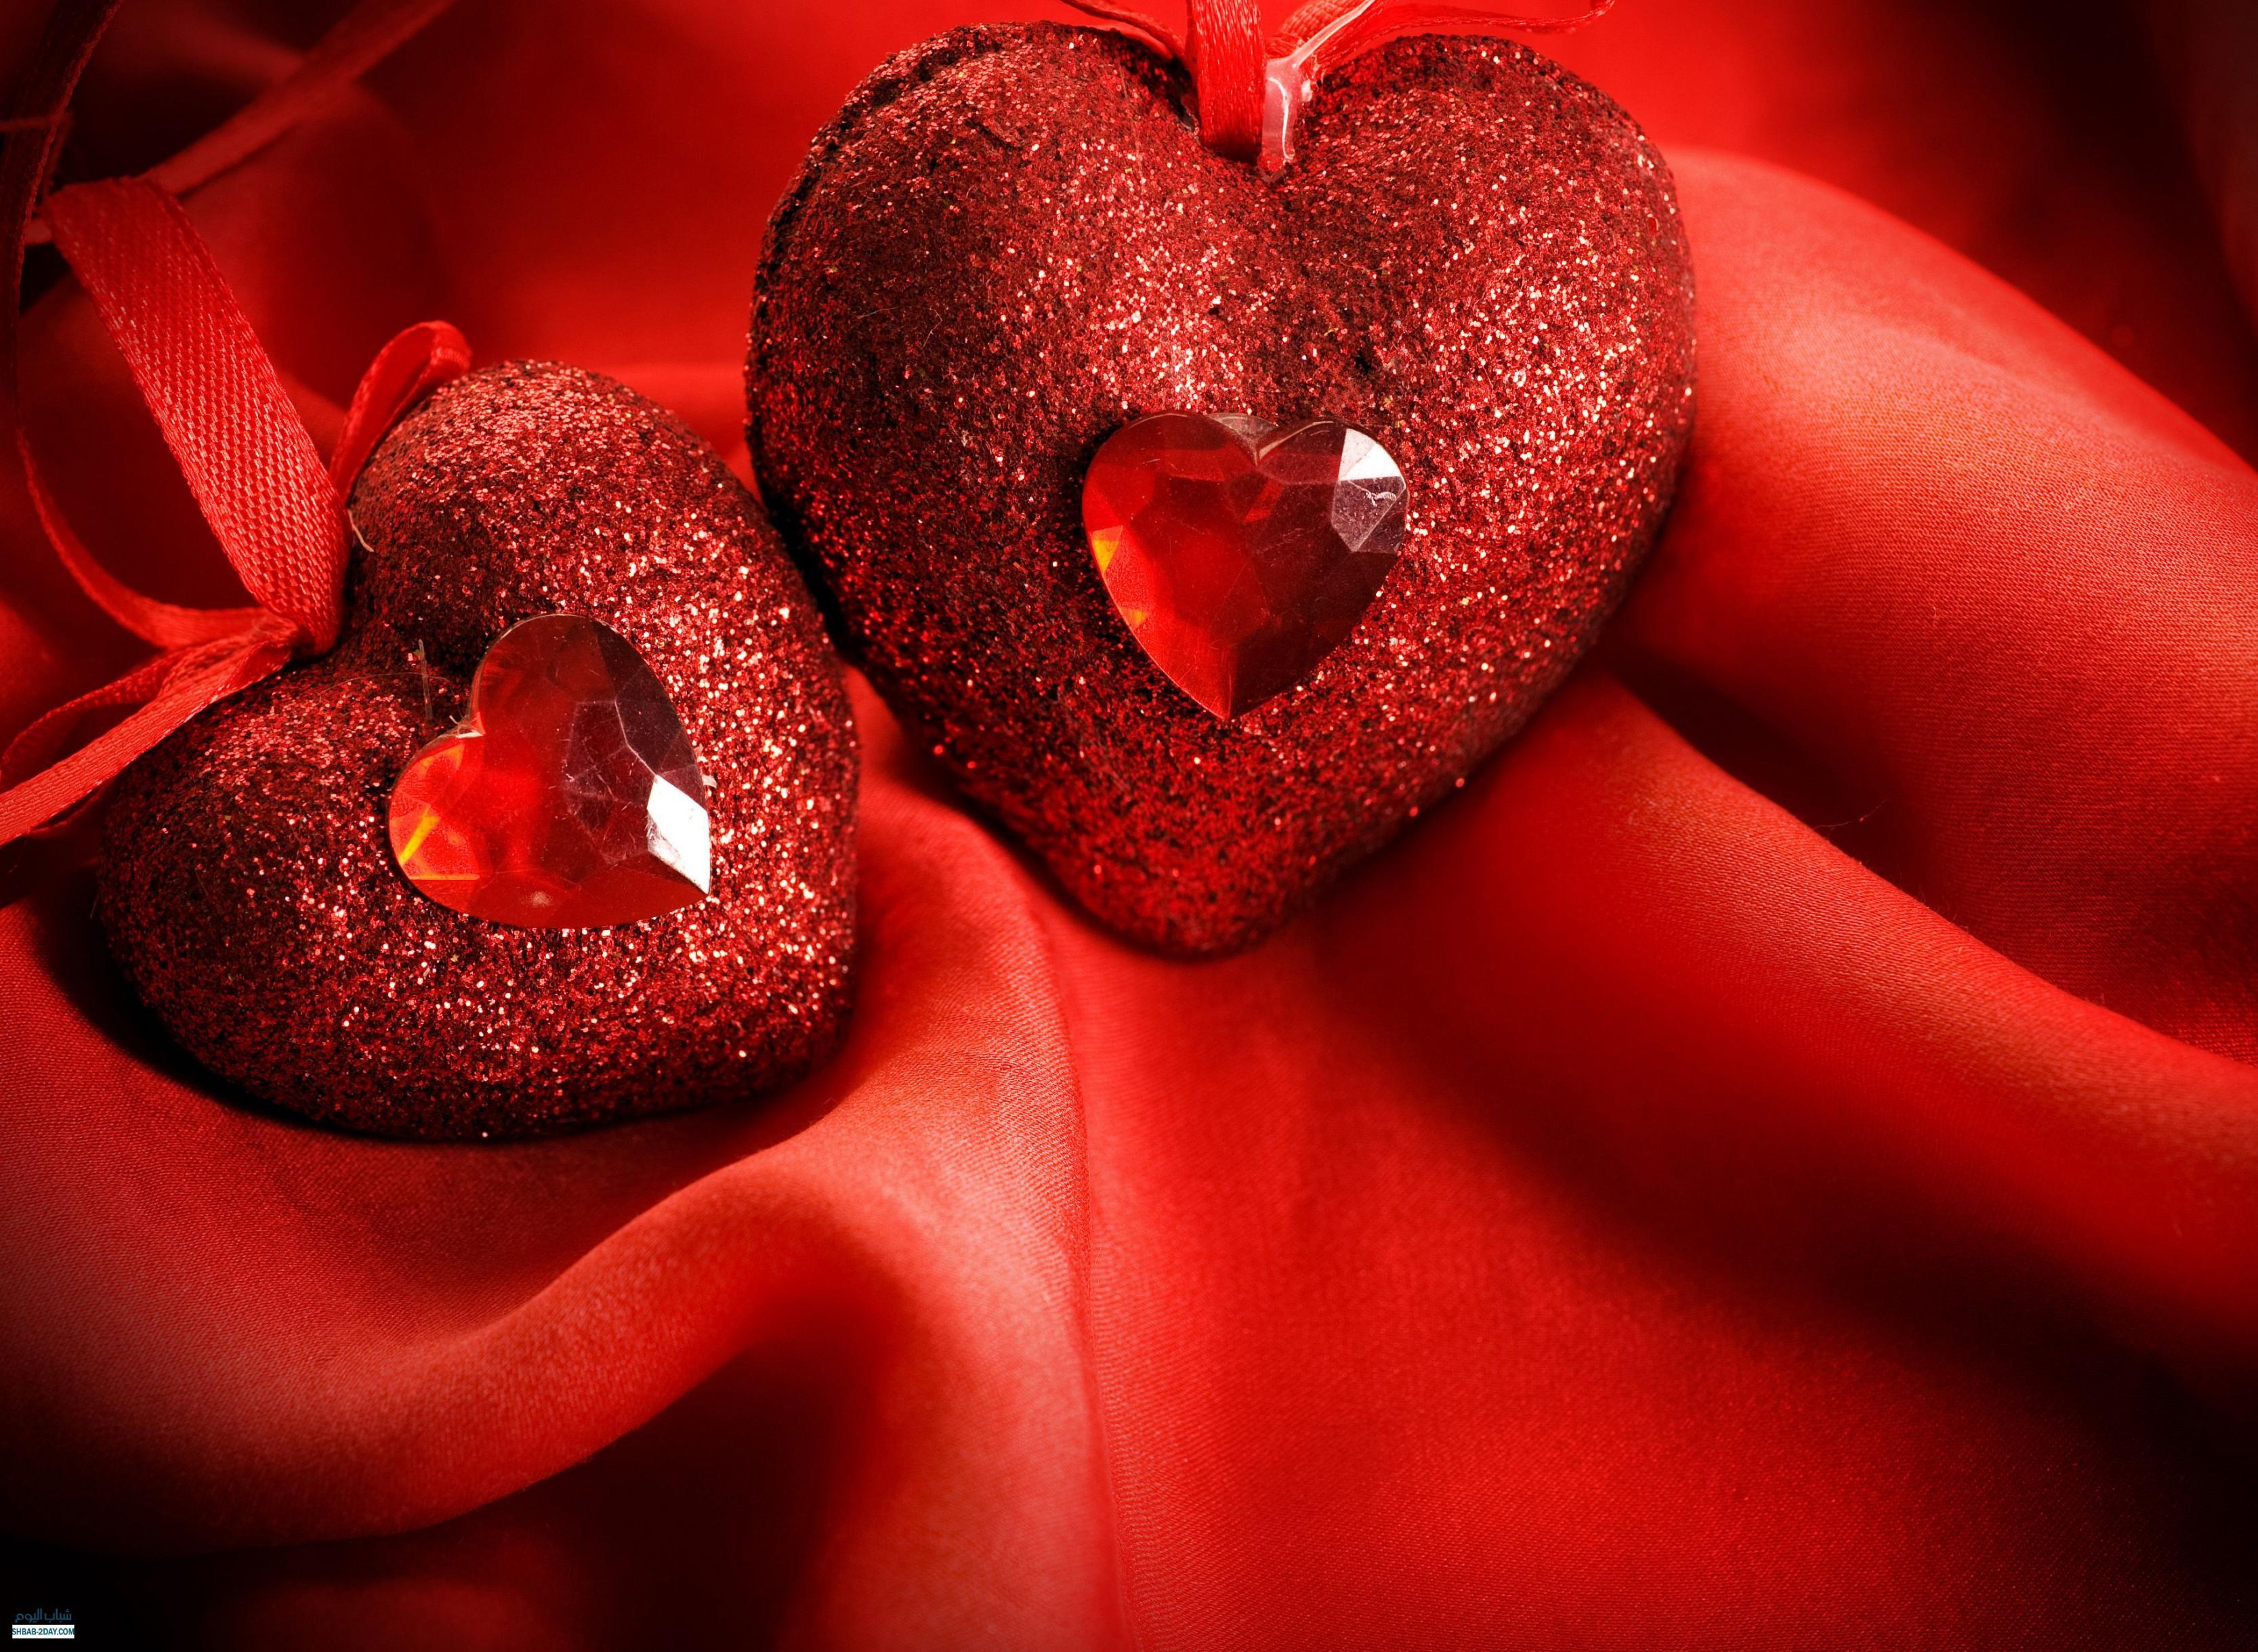 صورة اجمل قلوب رومانسية , صور قلوب حمراء